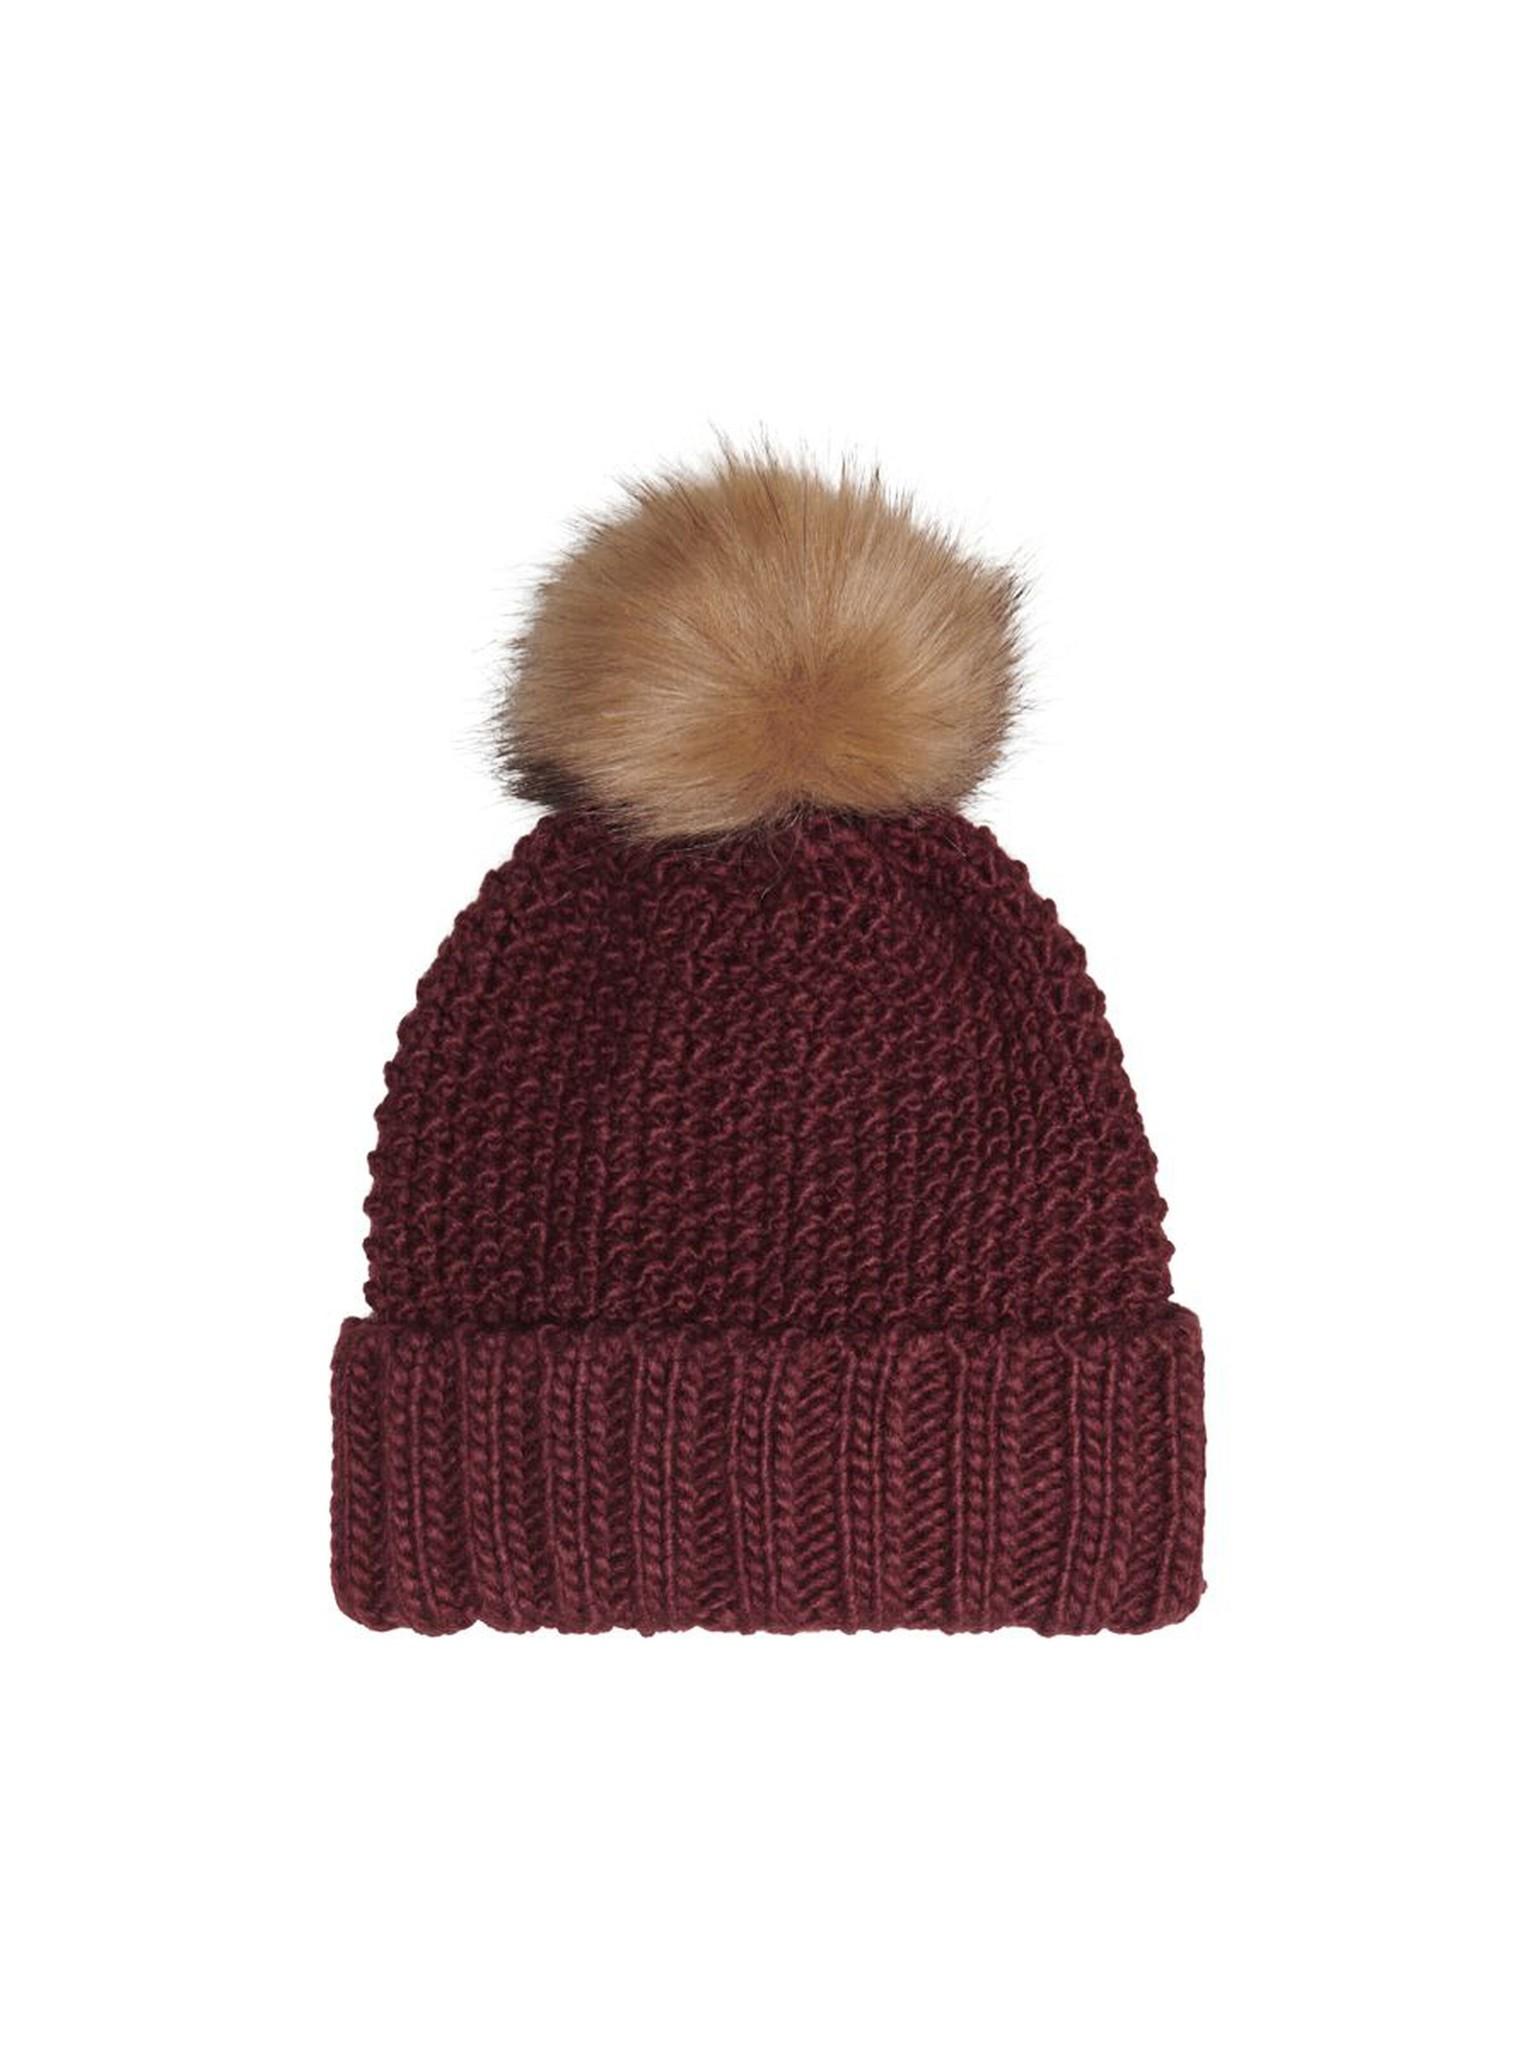 ONLY bonnet pompon-2